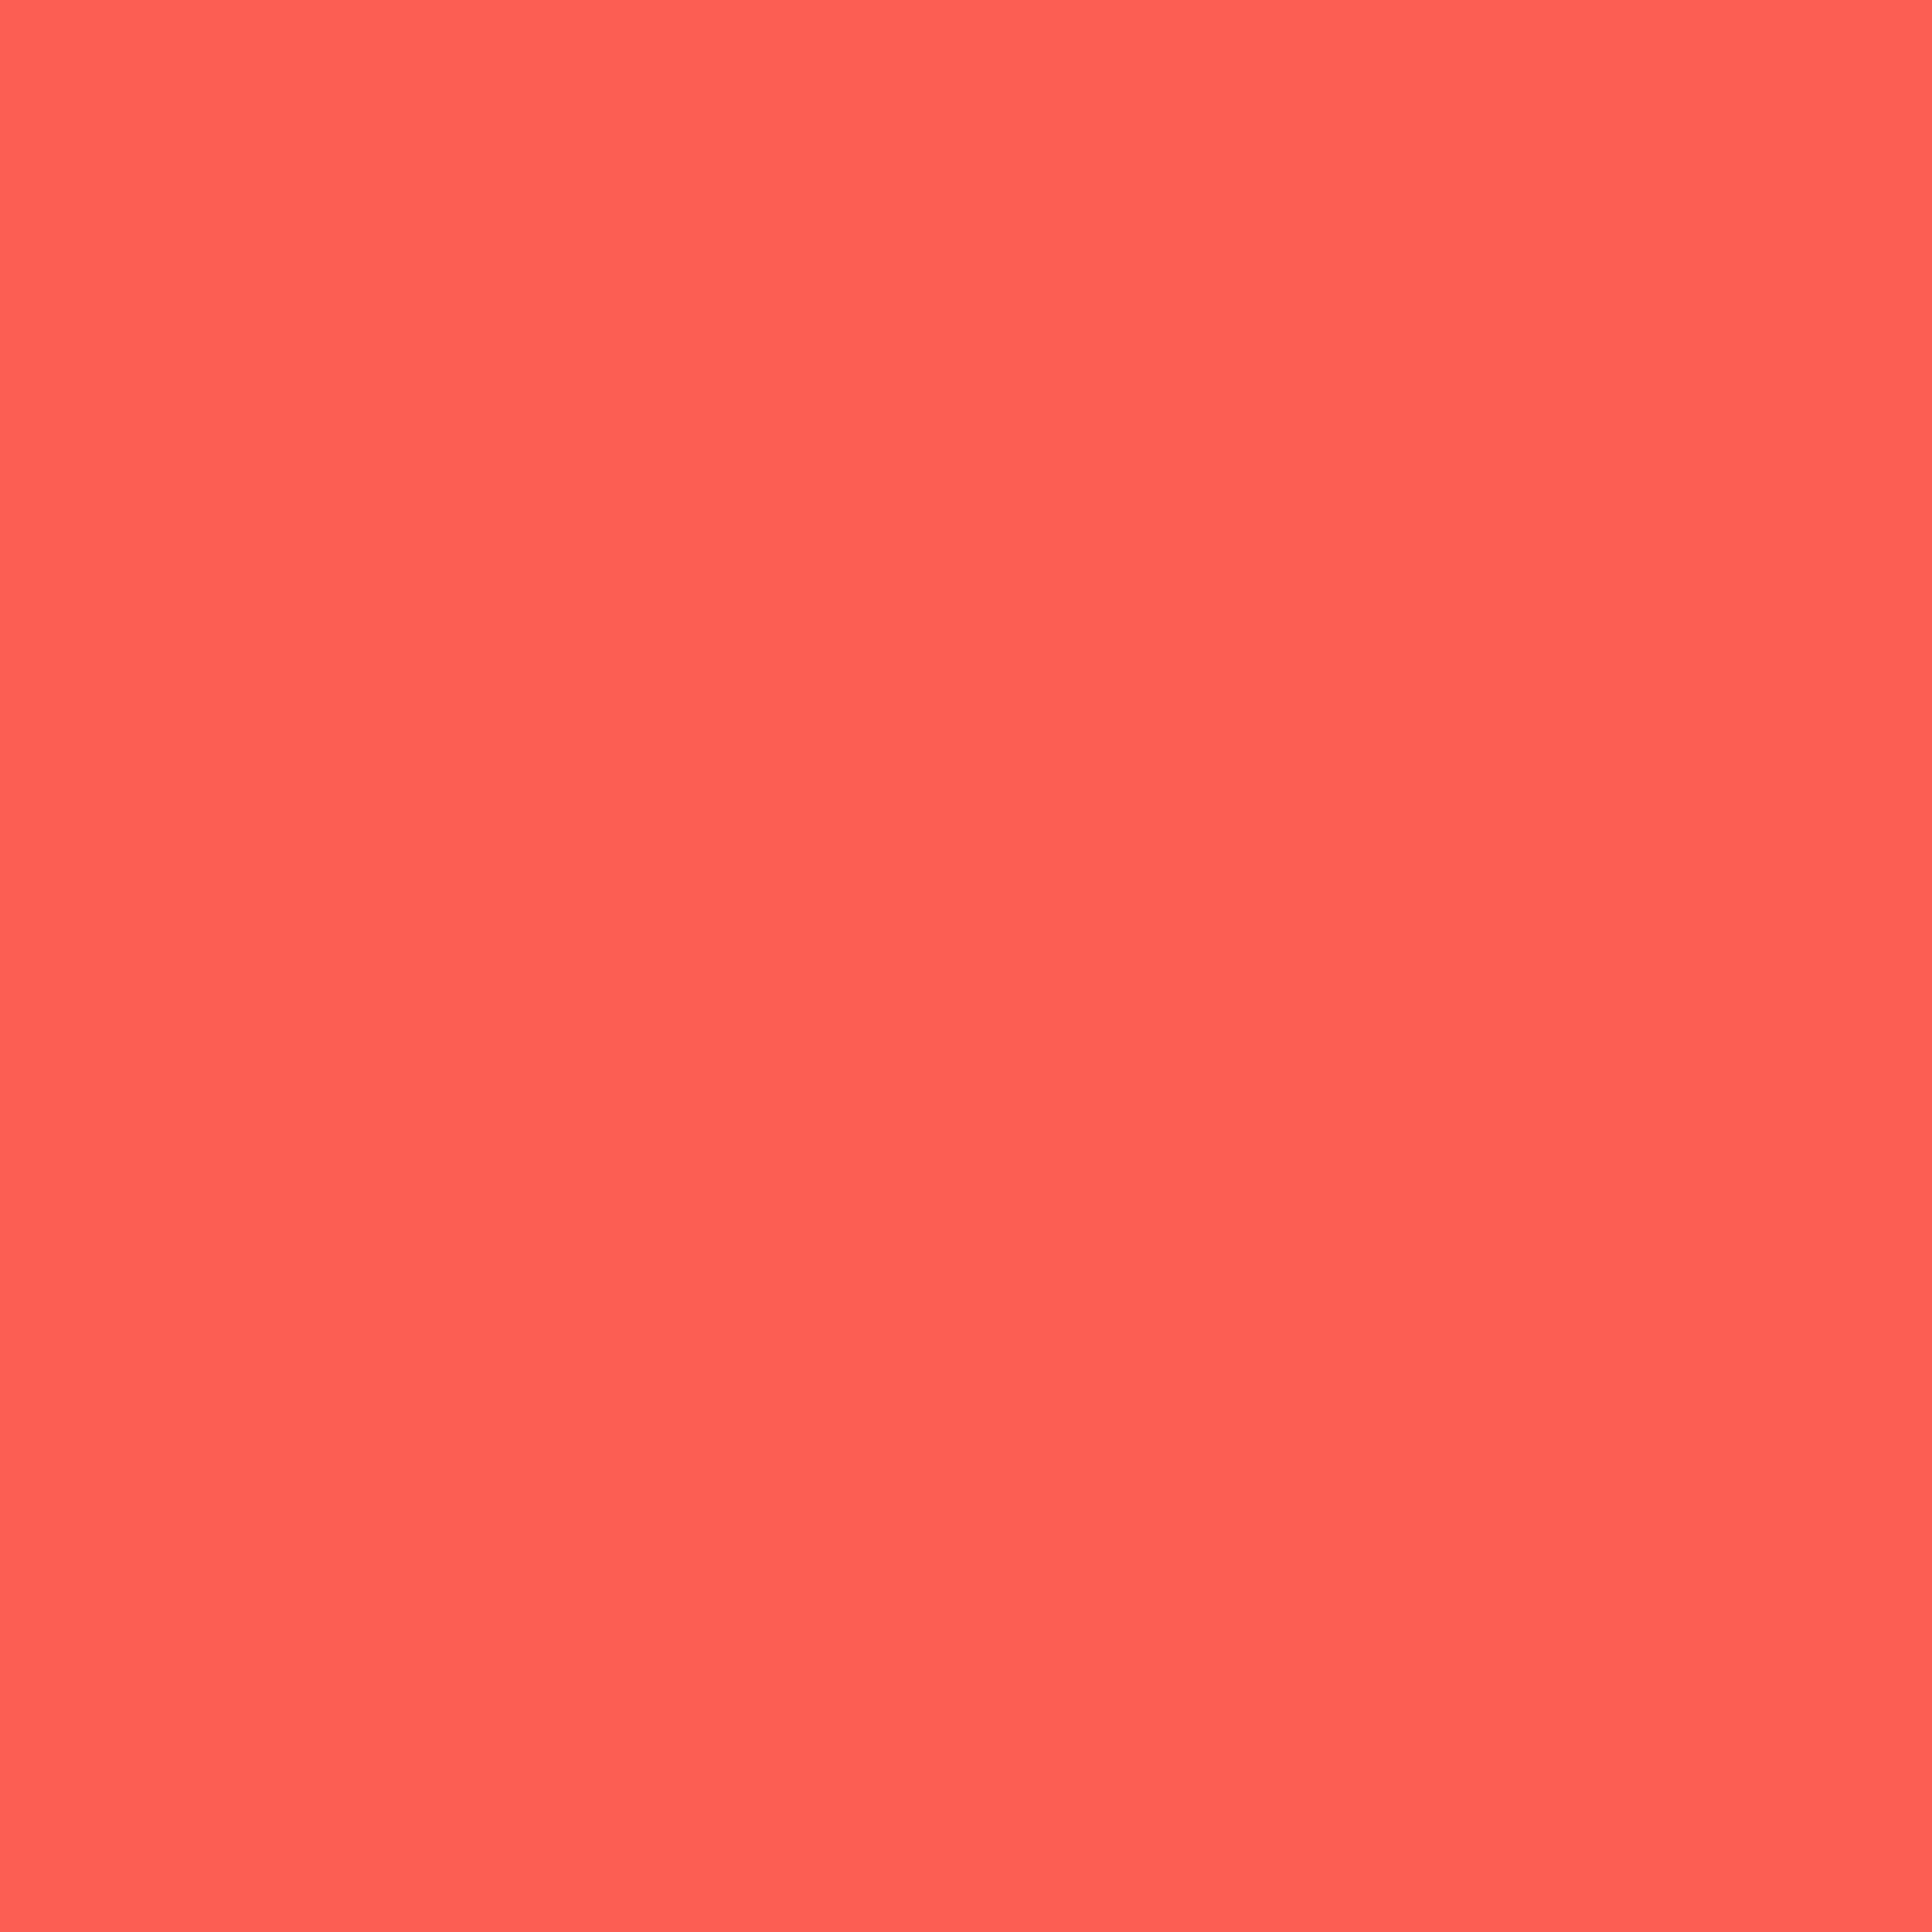 2048x2048 Sunset Orange Solid Color Background